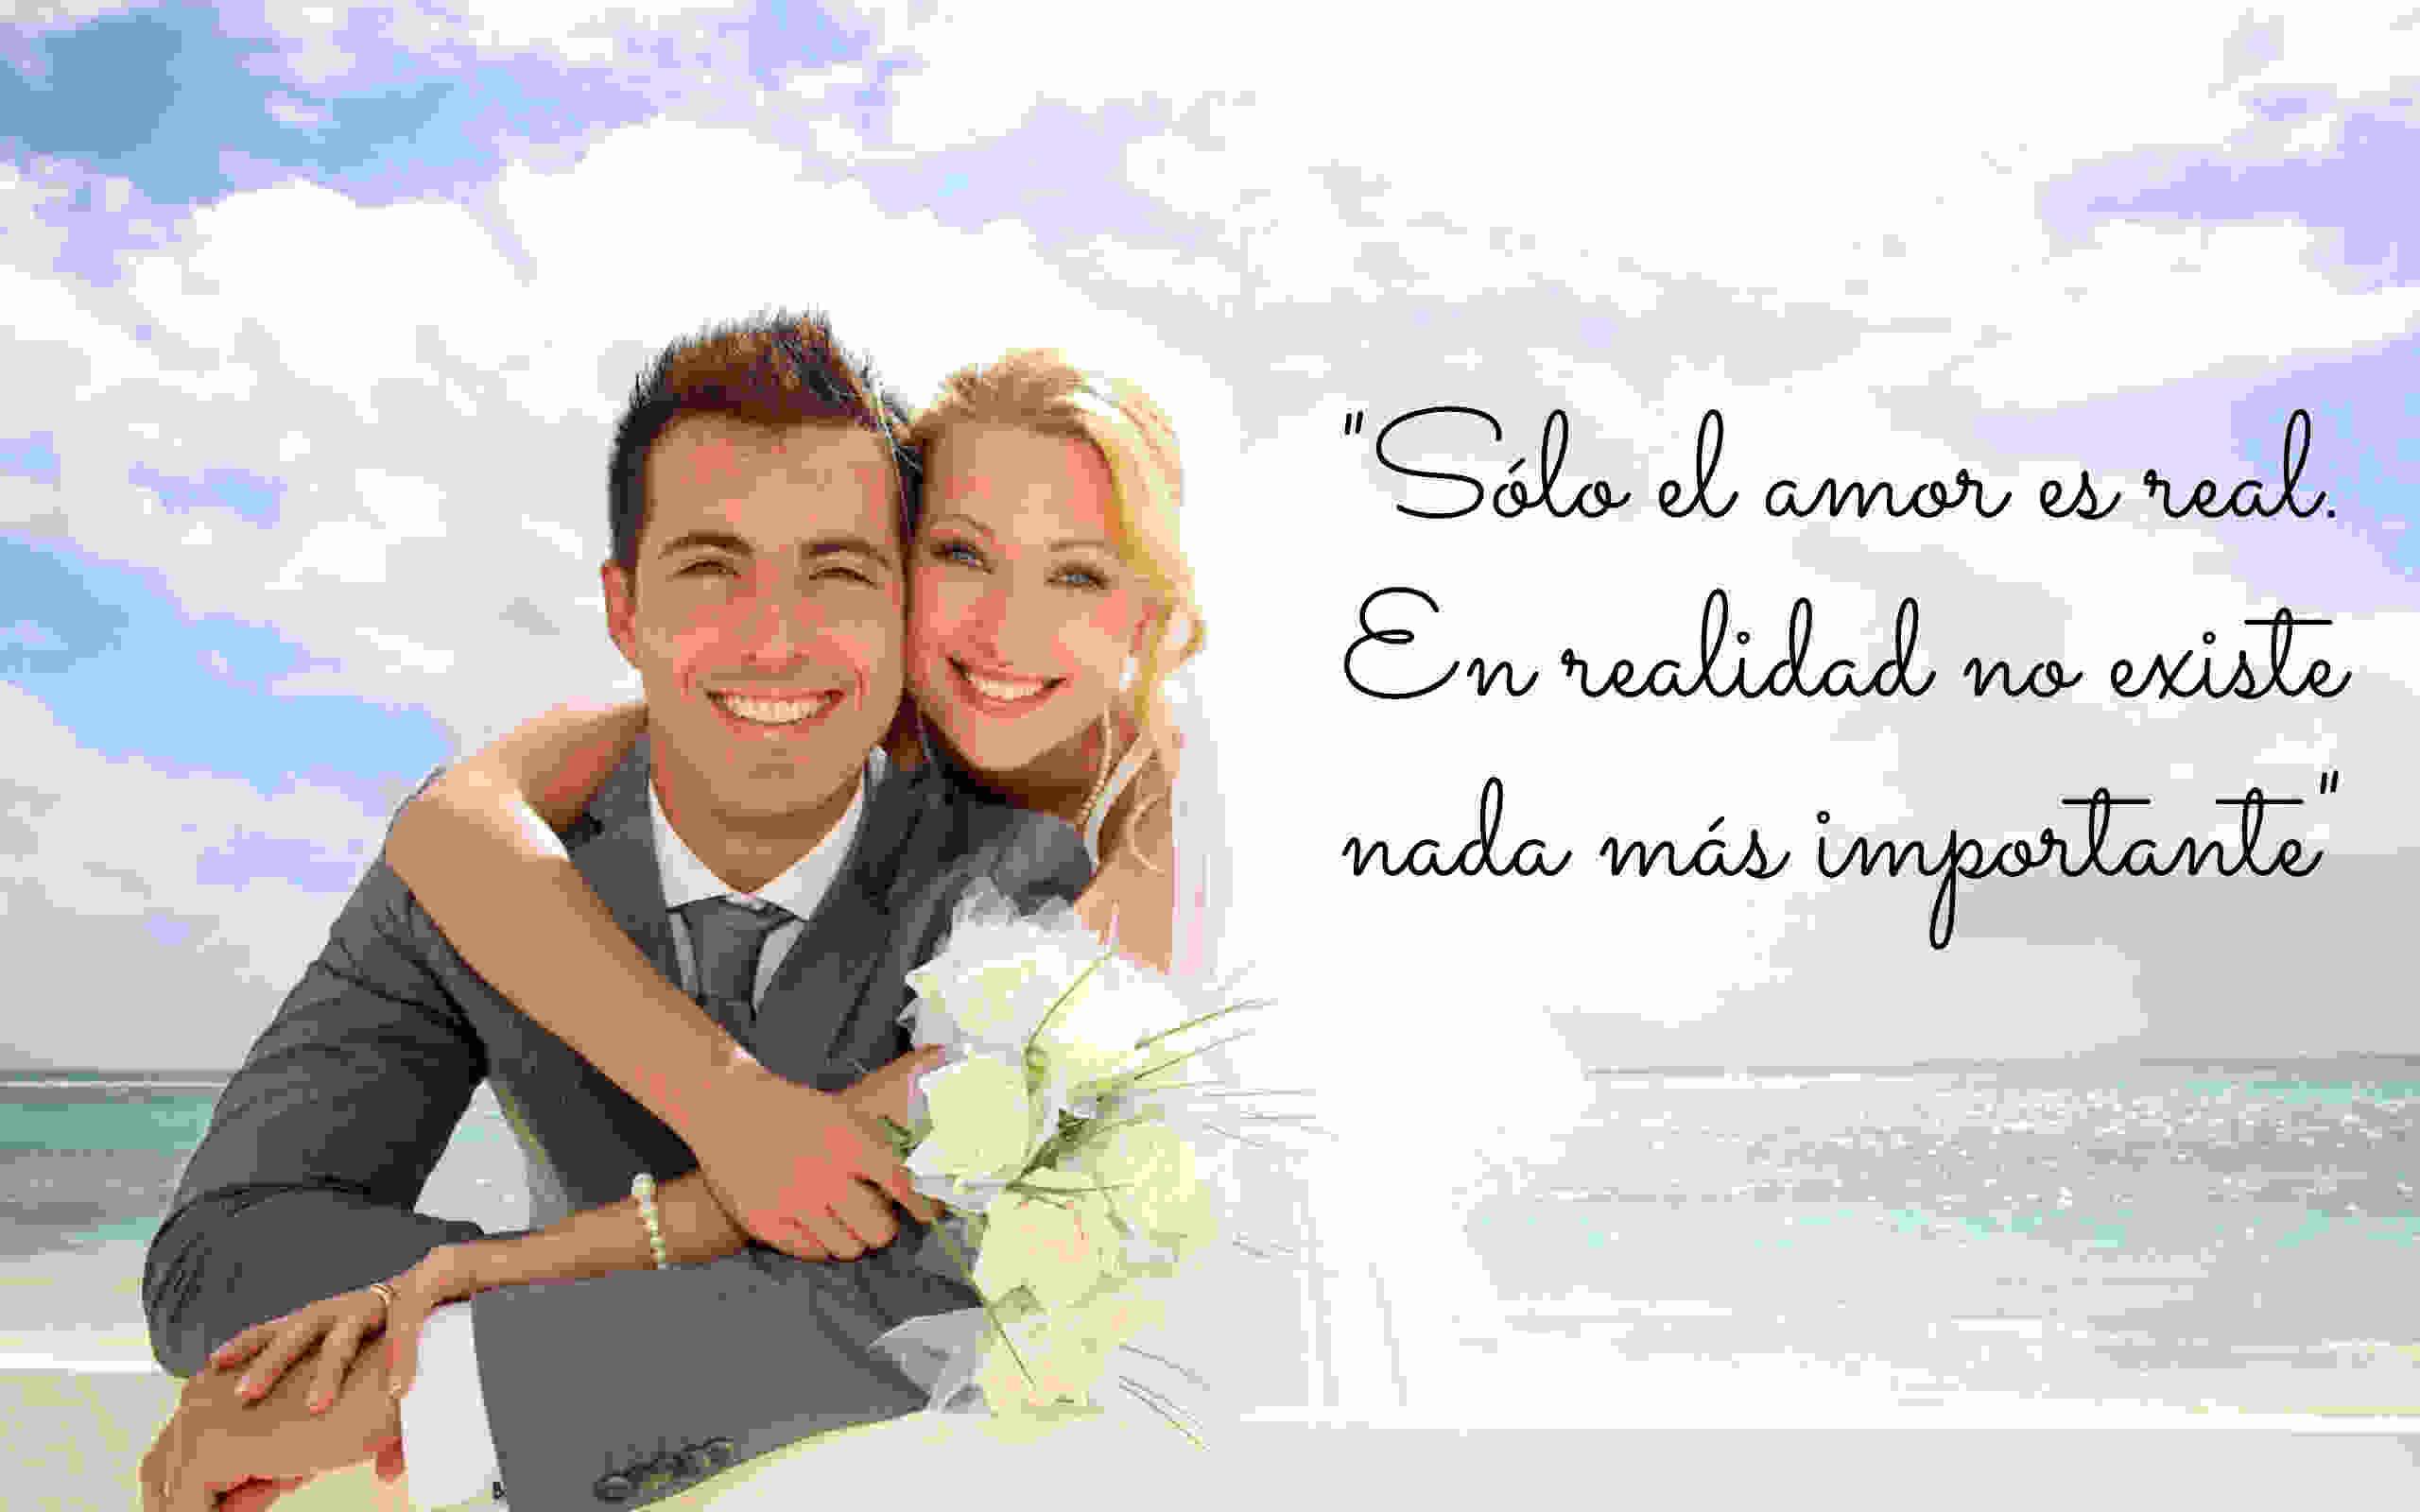 Frases De Aniversario De Casados: Solo El Amor Es Real, En Realidad No Existe Nada Mas